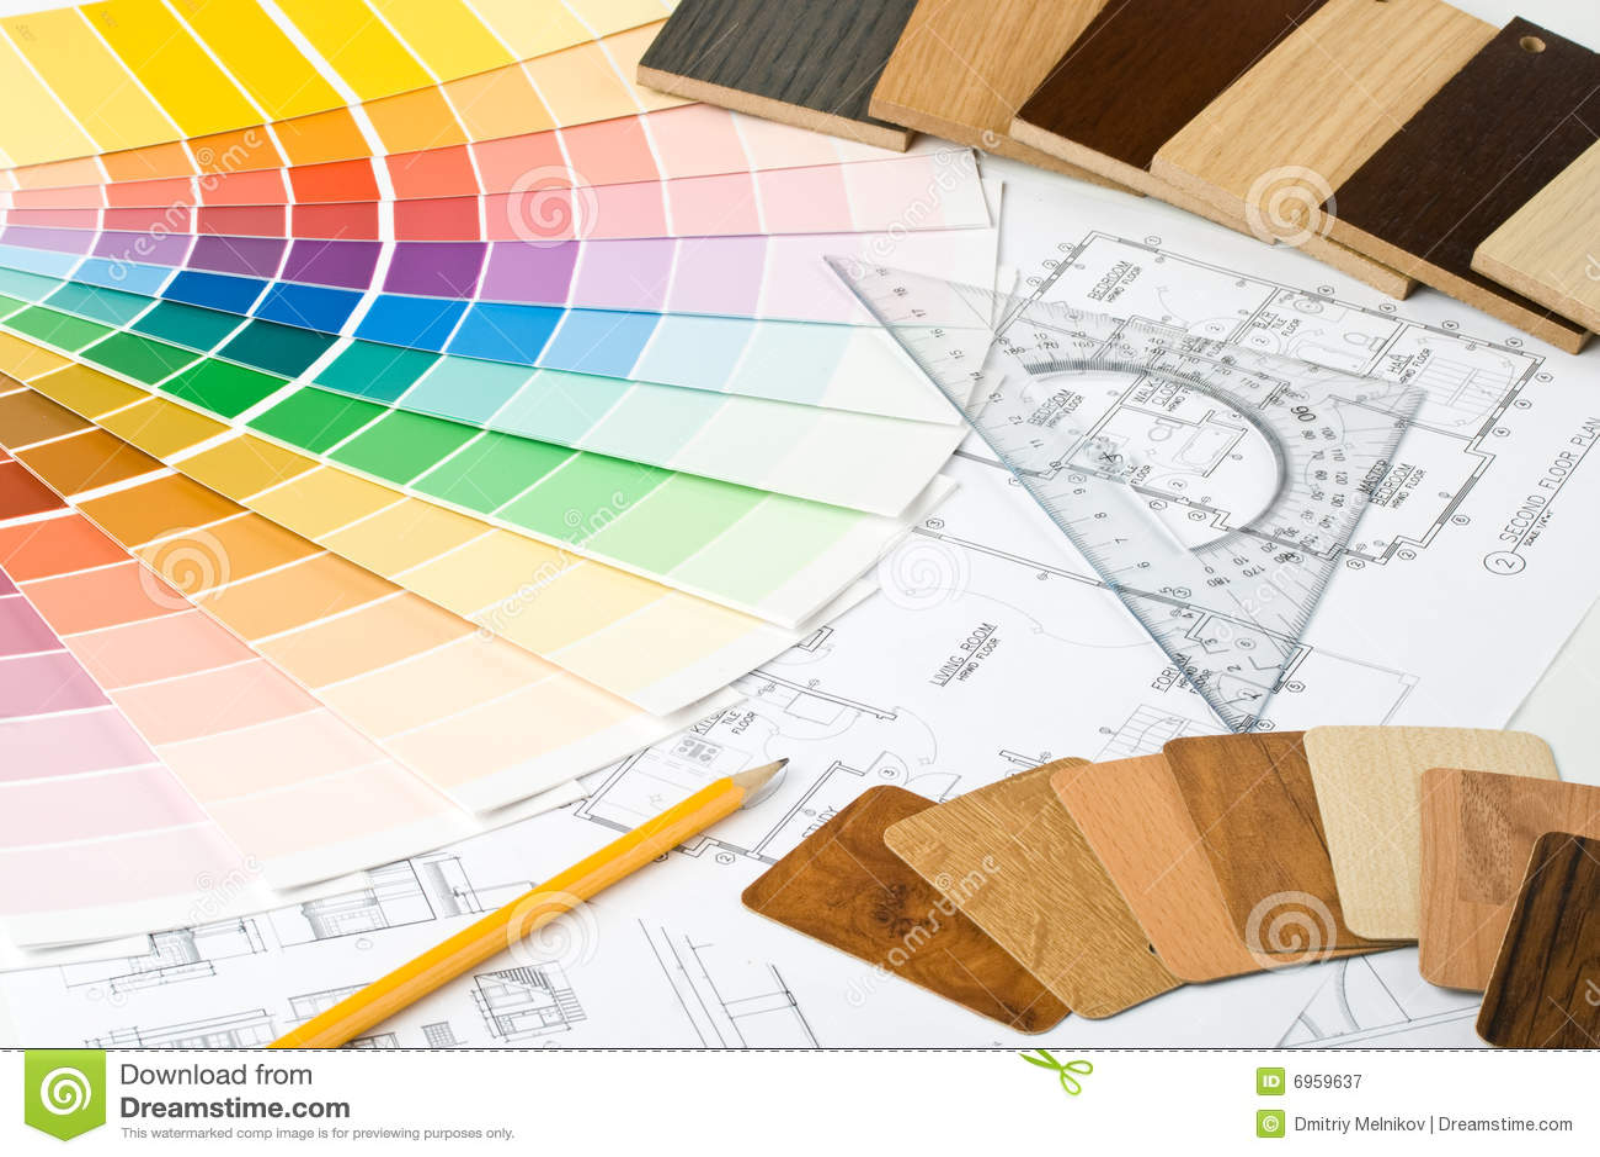 Guide de couleur, échantillons matériels et modèle